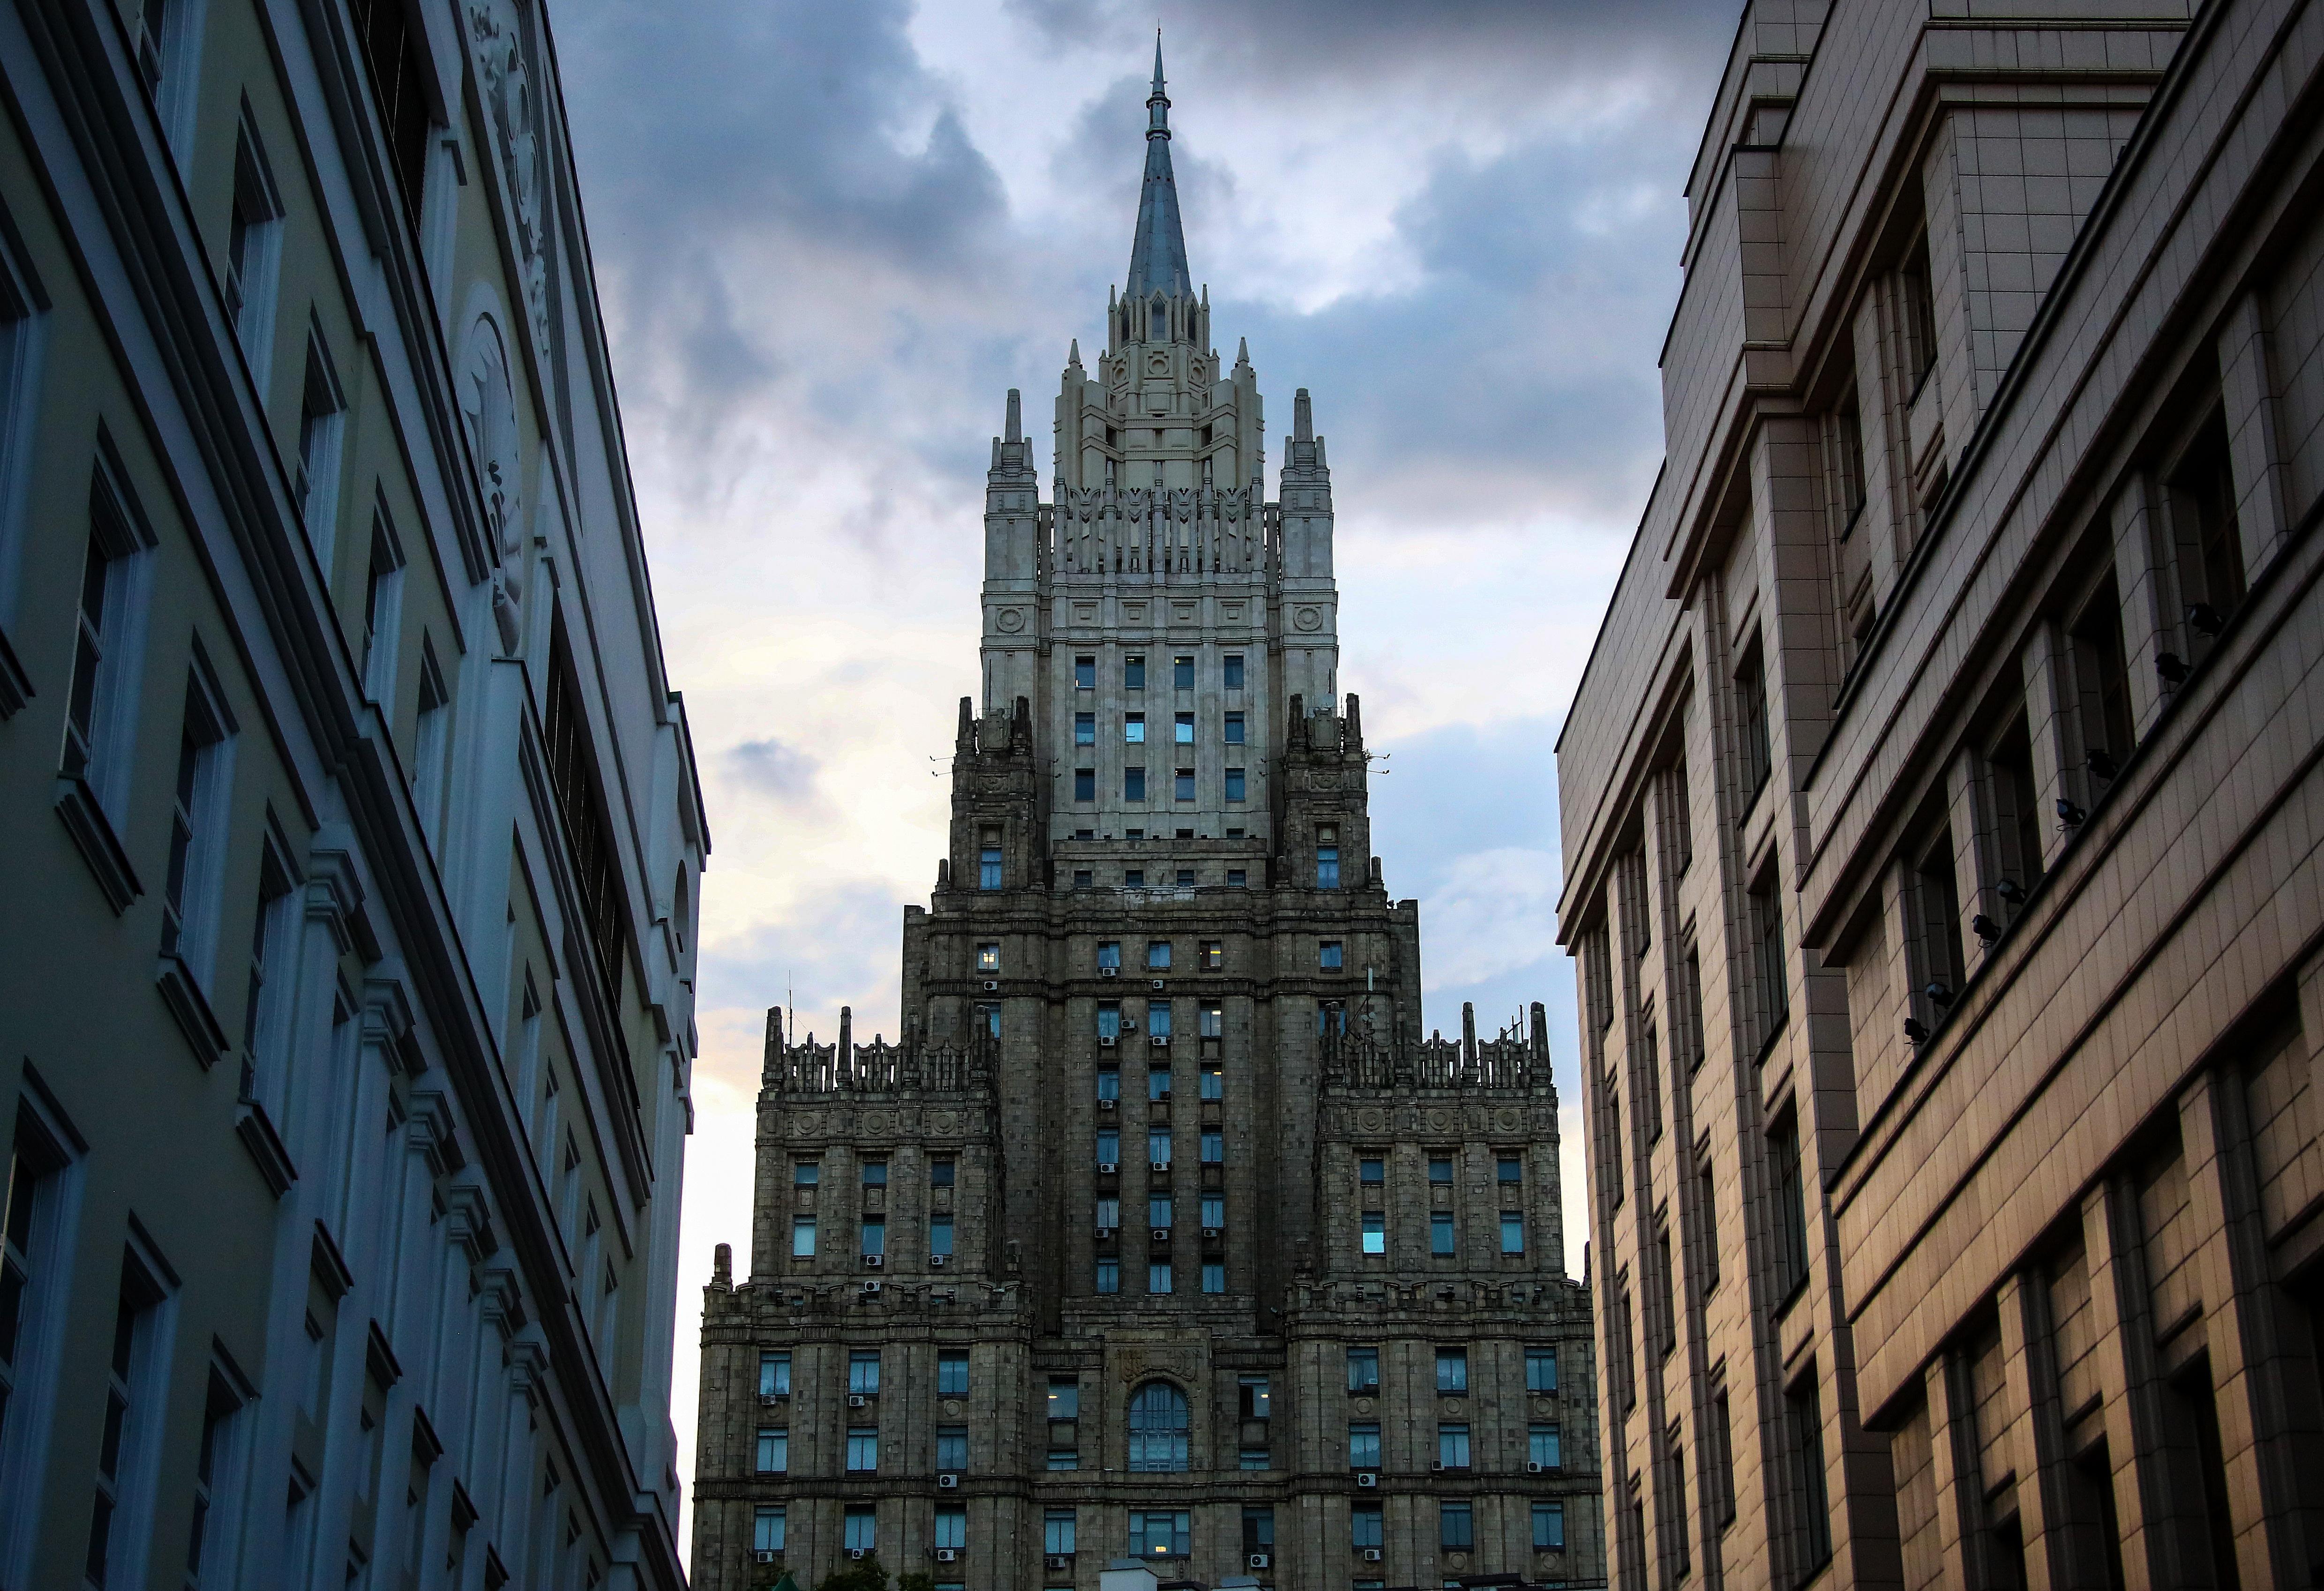 В МИД РФ назвали визит Меркель к Навальному попыткой политизировать ситуацию